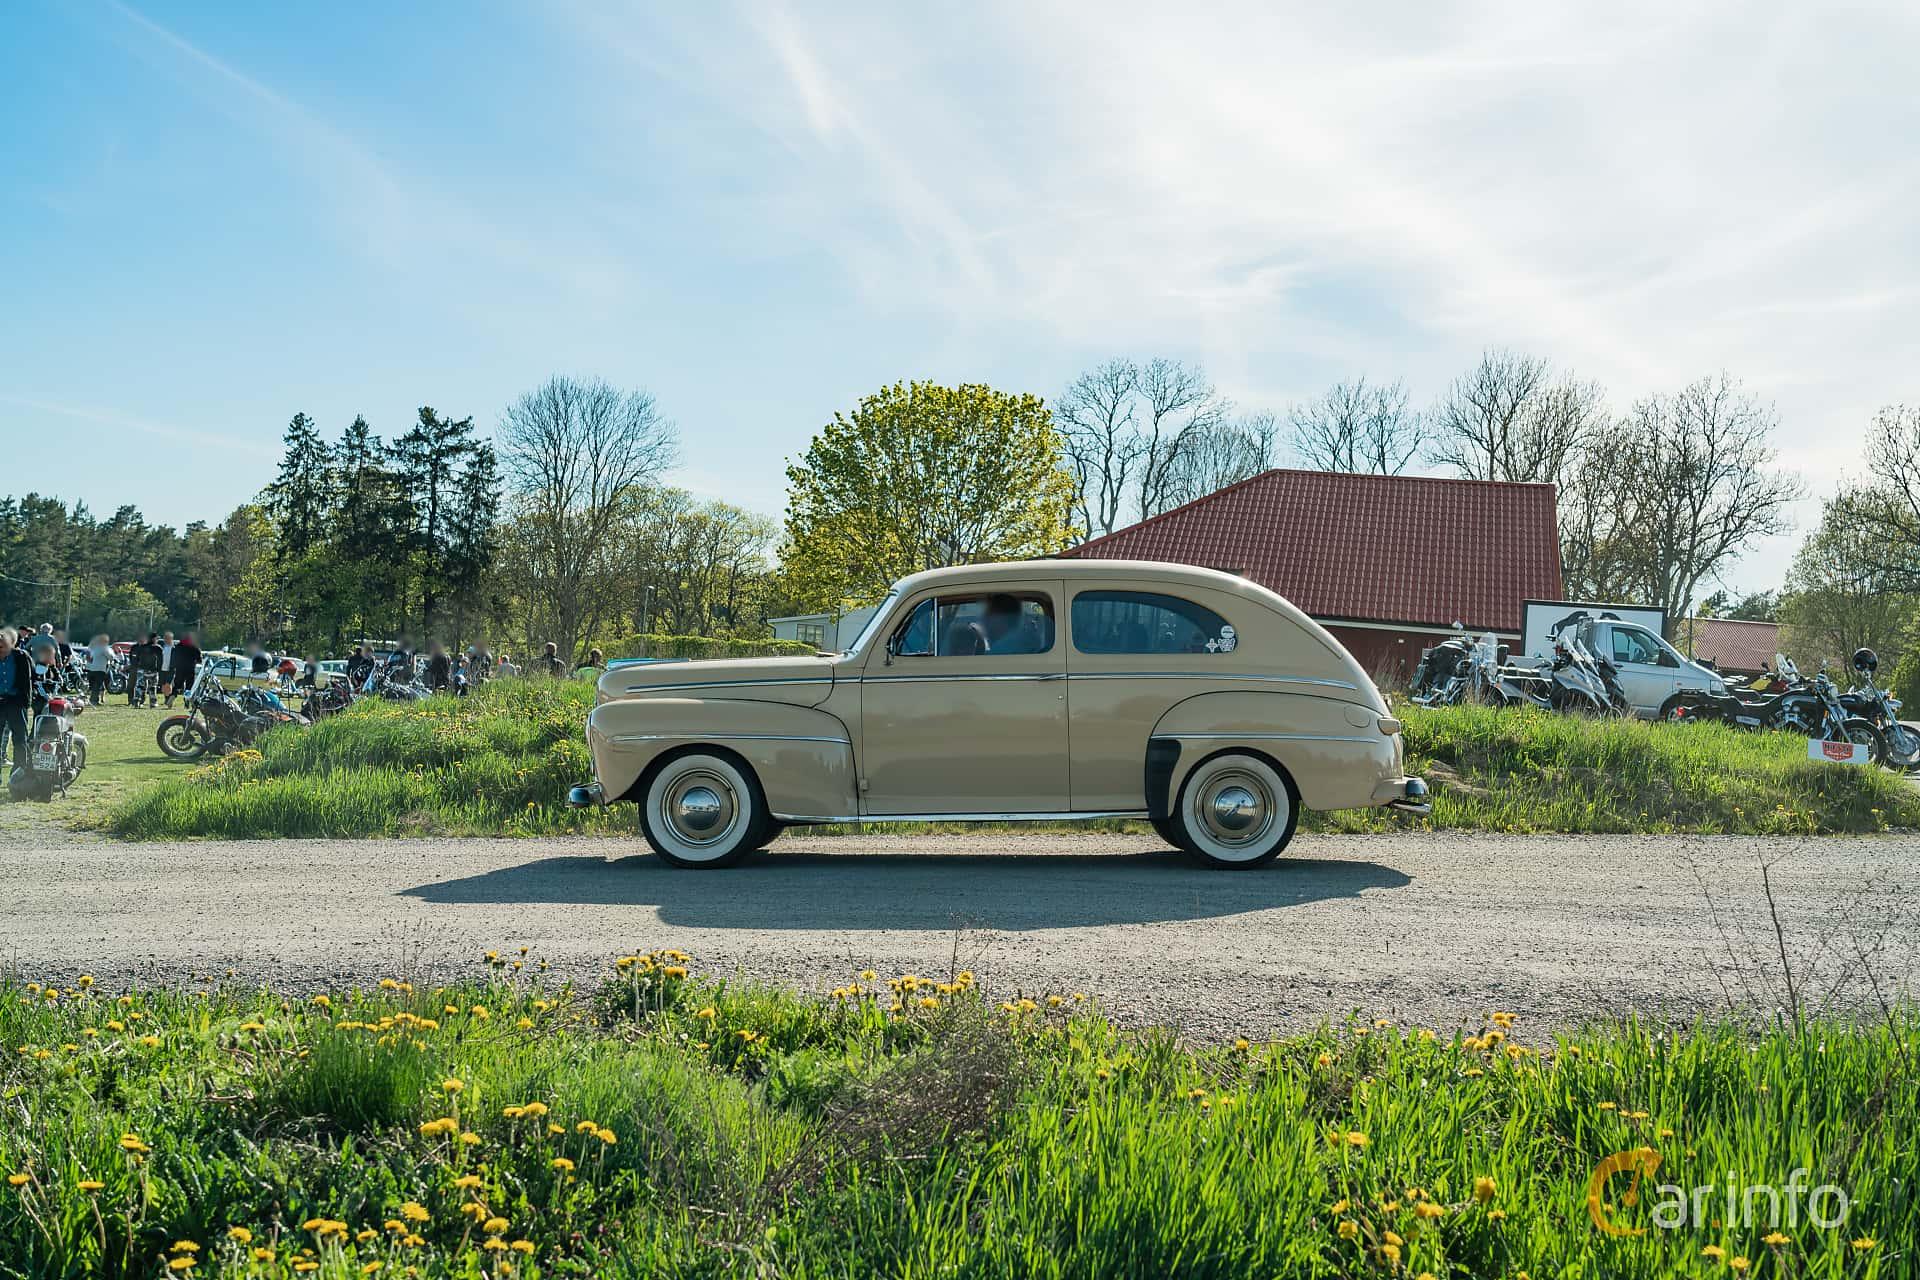 Ford Super Deluxe Tudor Sedan 3.9 V8 Manual, 102hp, 1948 at Motorträffar på Nifsta Gård (v.20 2019)